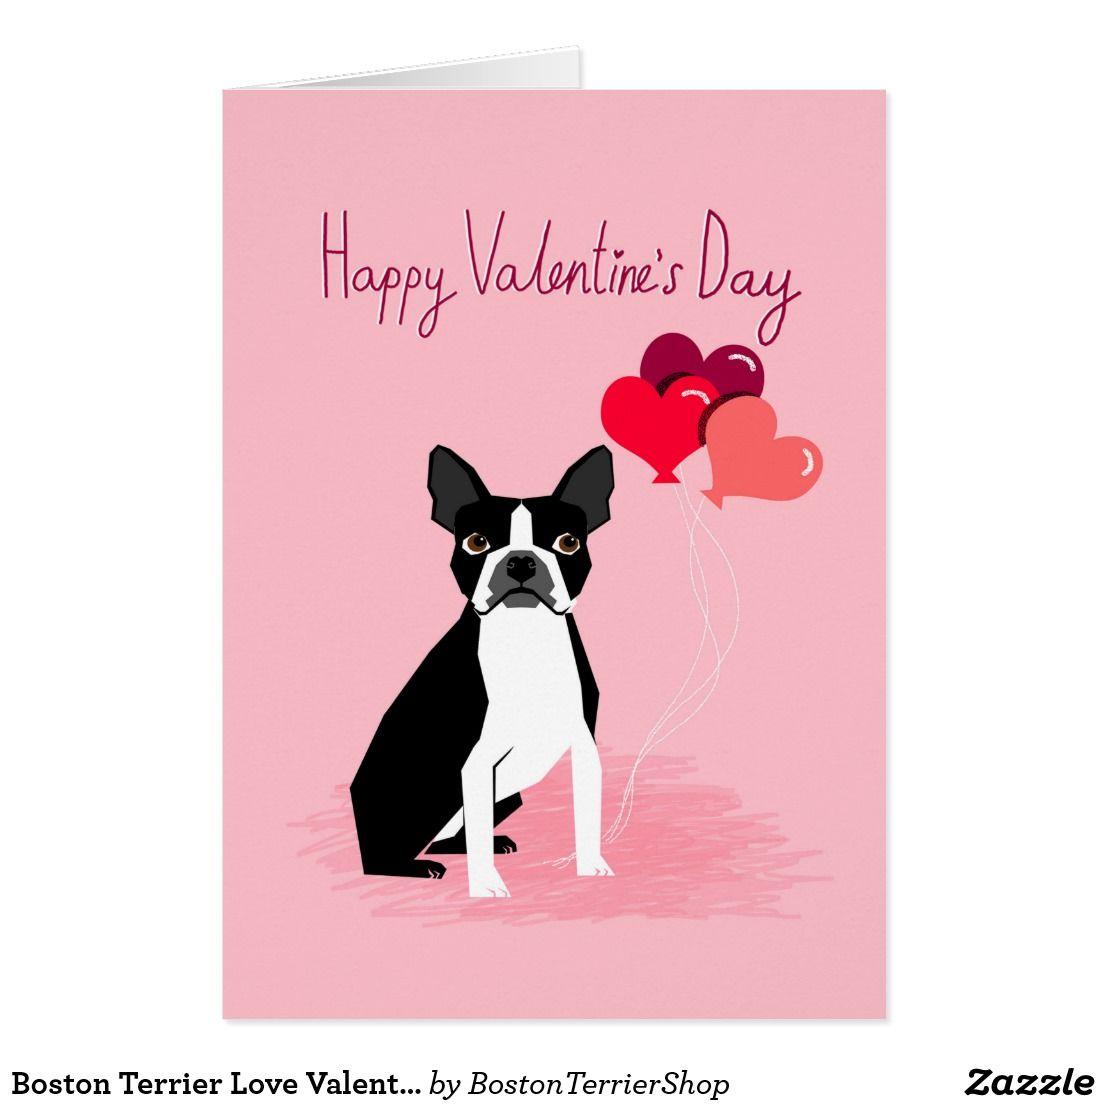 Boston Terrier Love Valentines Card Zazzle Com Boston Terrier Love Boston Terrier Dog Valentines